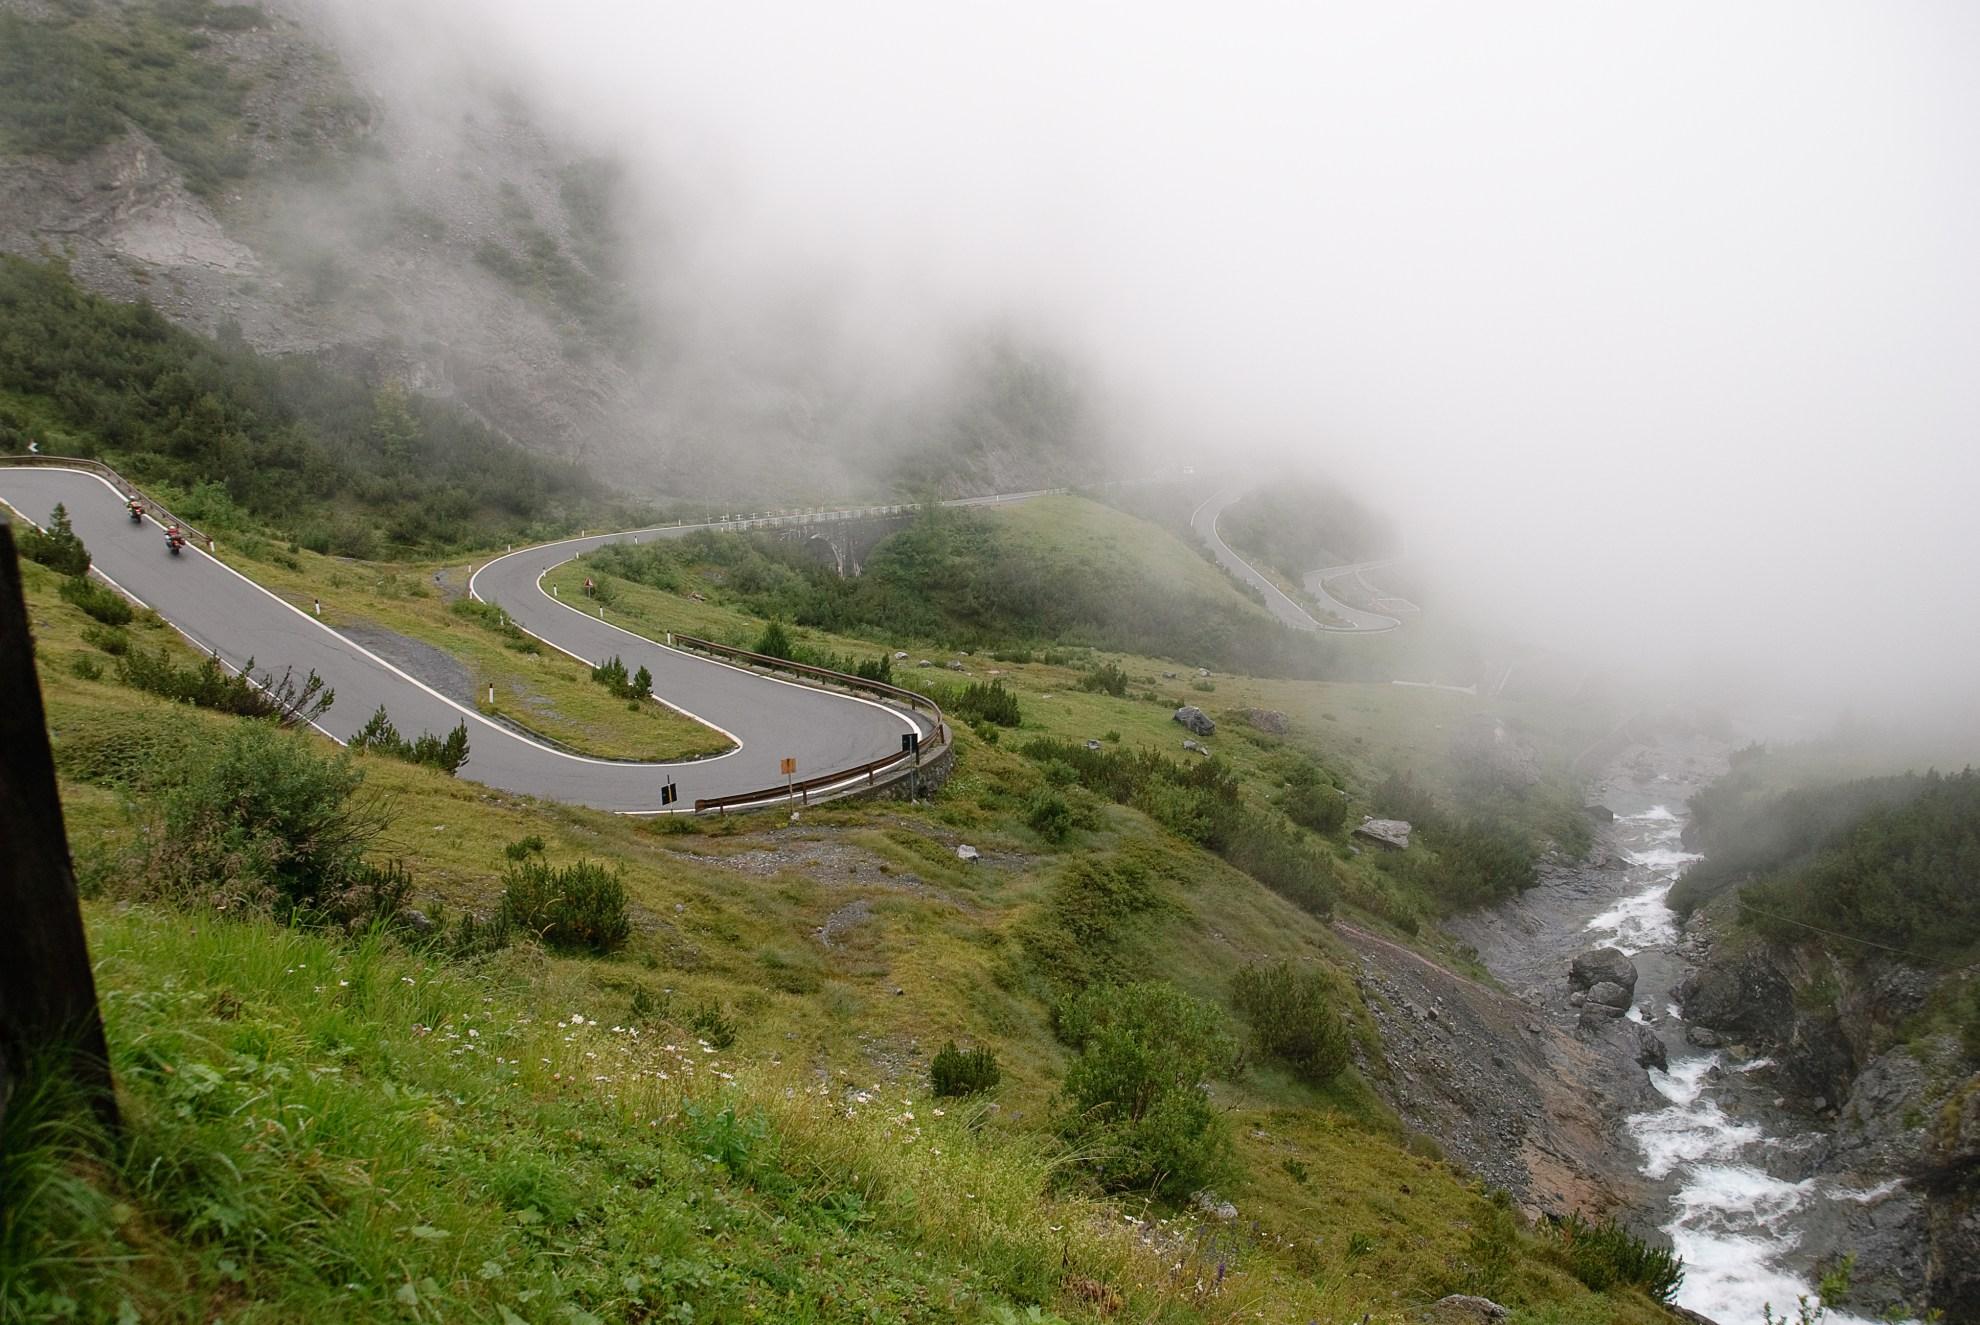 Zakręt w chmurach pod przełęczą Stelvio